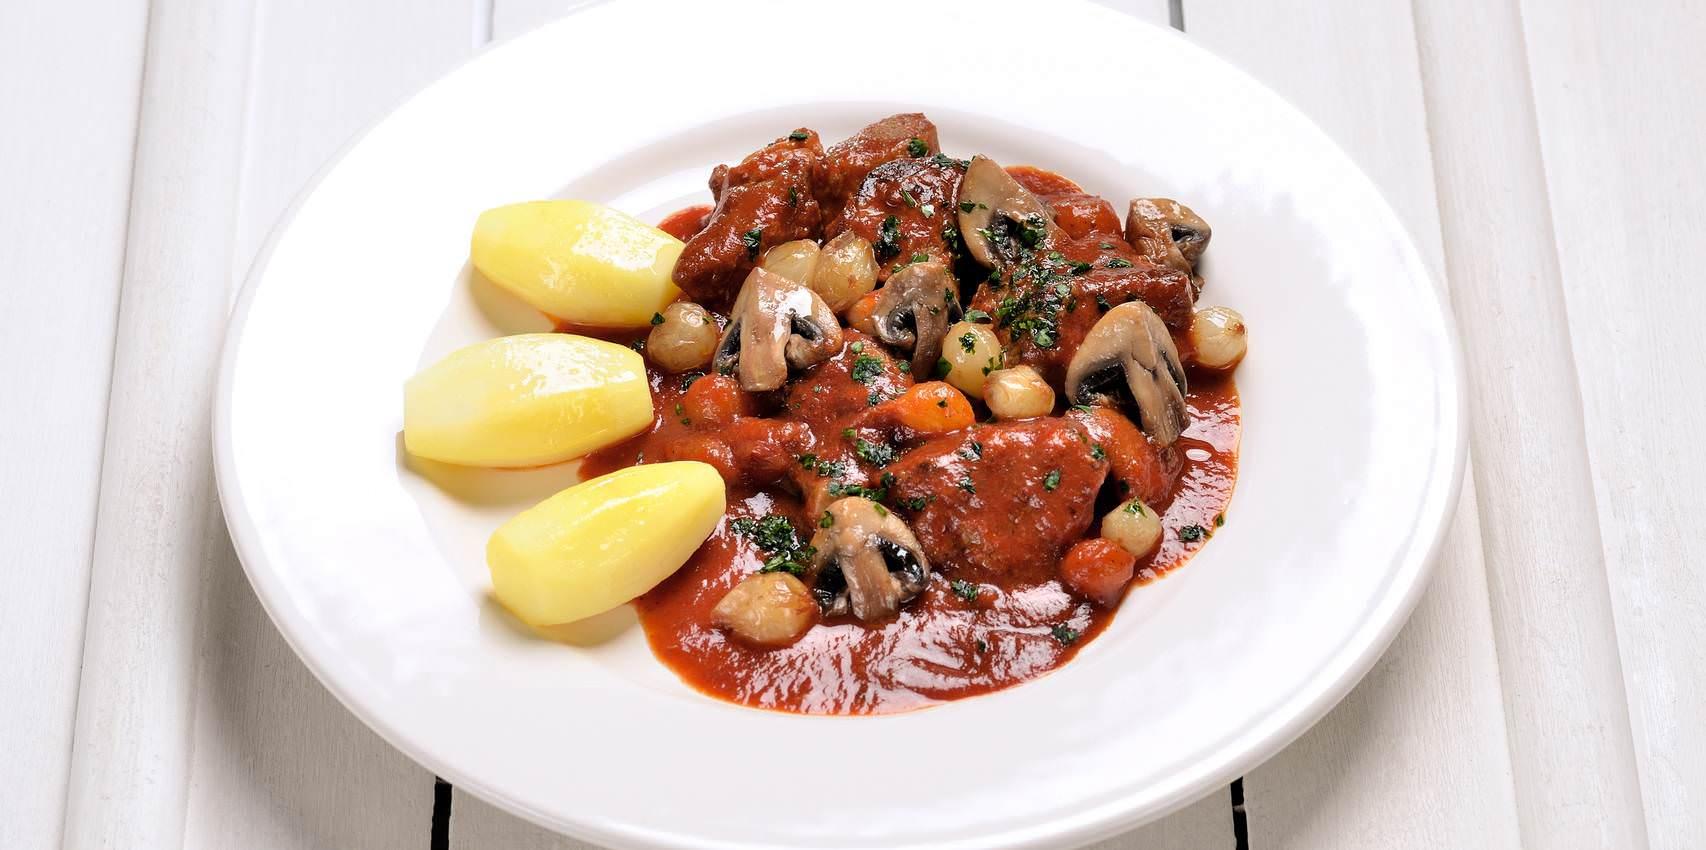 Veau marengo un grand classique des plats mijot s fran ais plus c 39 est r chauff plus c 39 est bon - Grand classique cuisine francaise ...